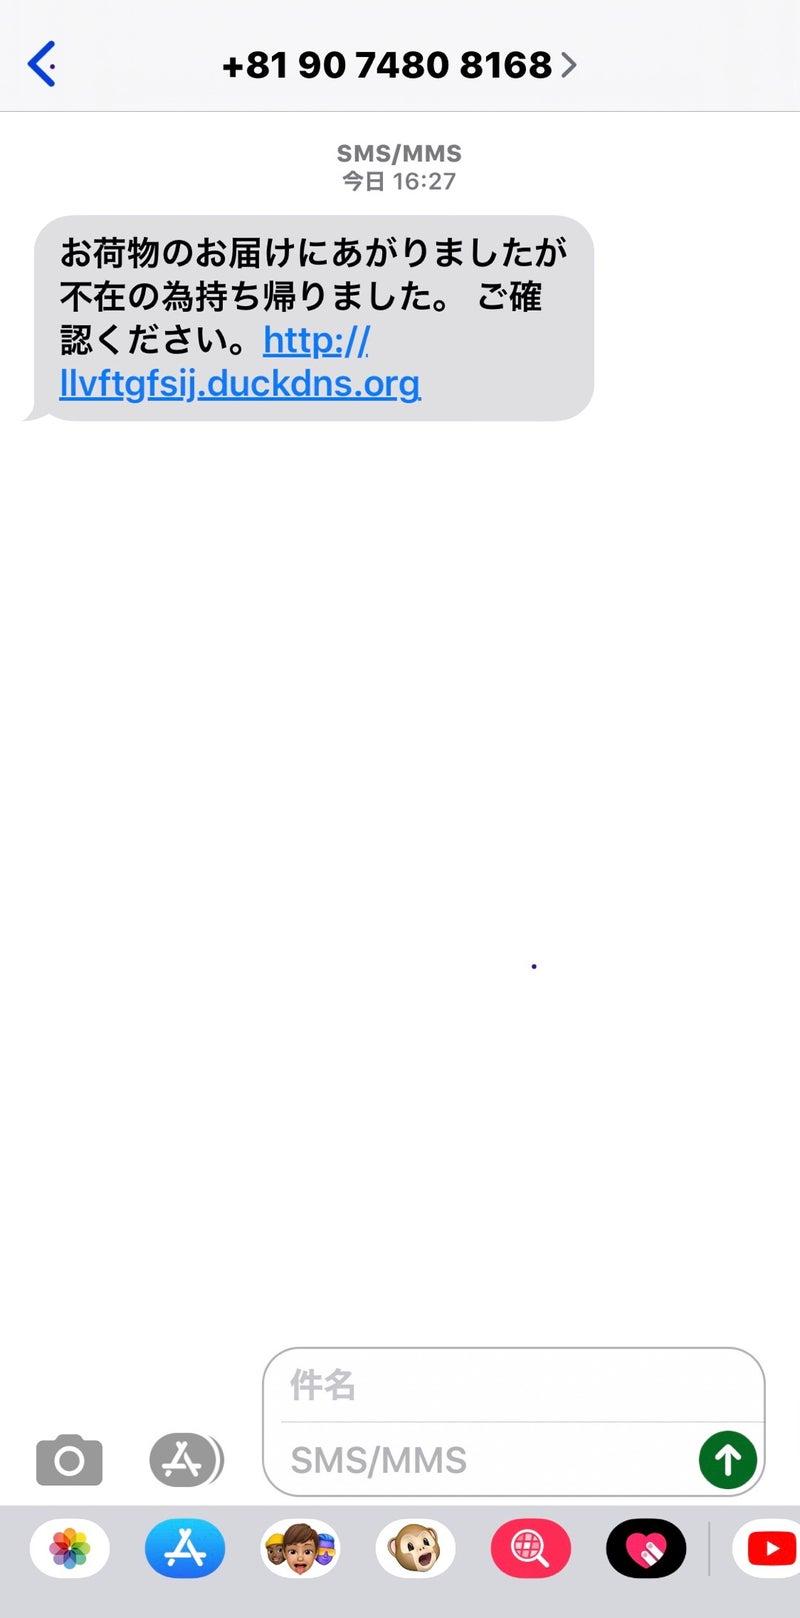 Sms 不在 連絡